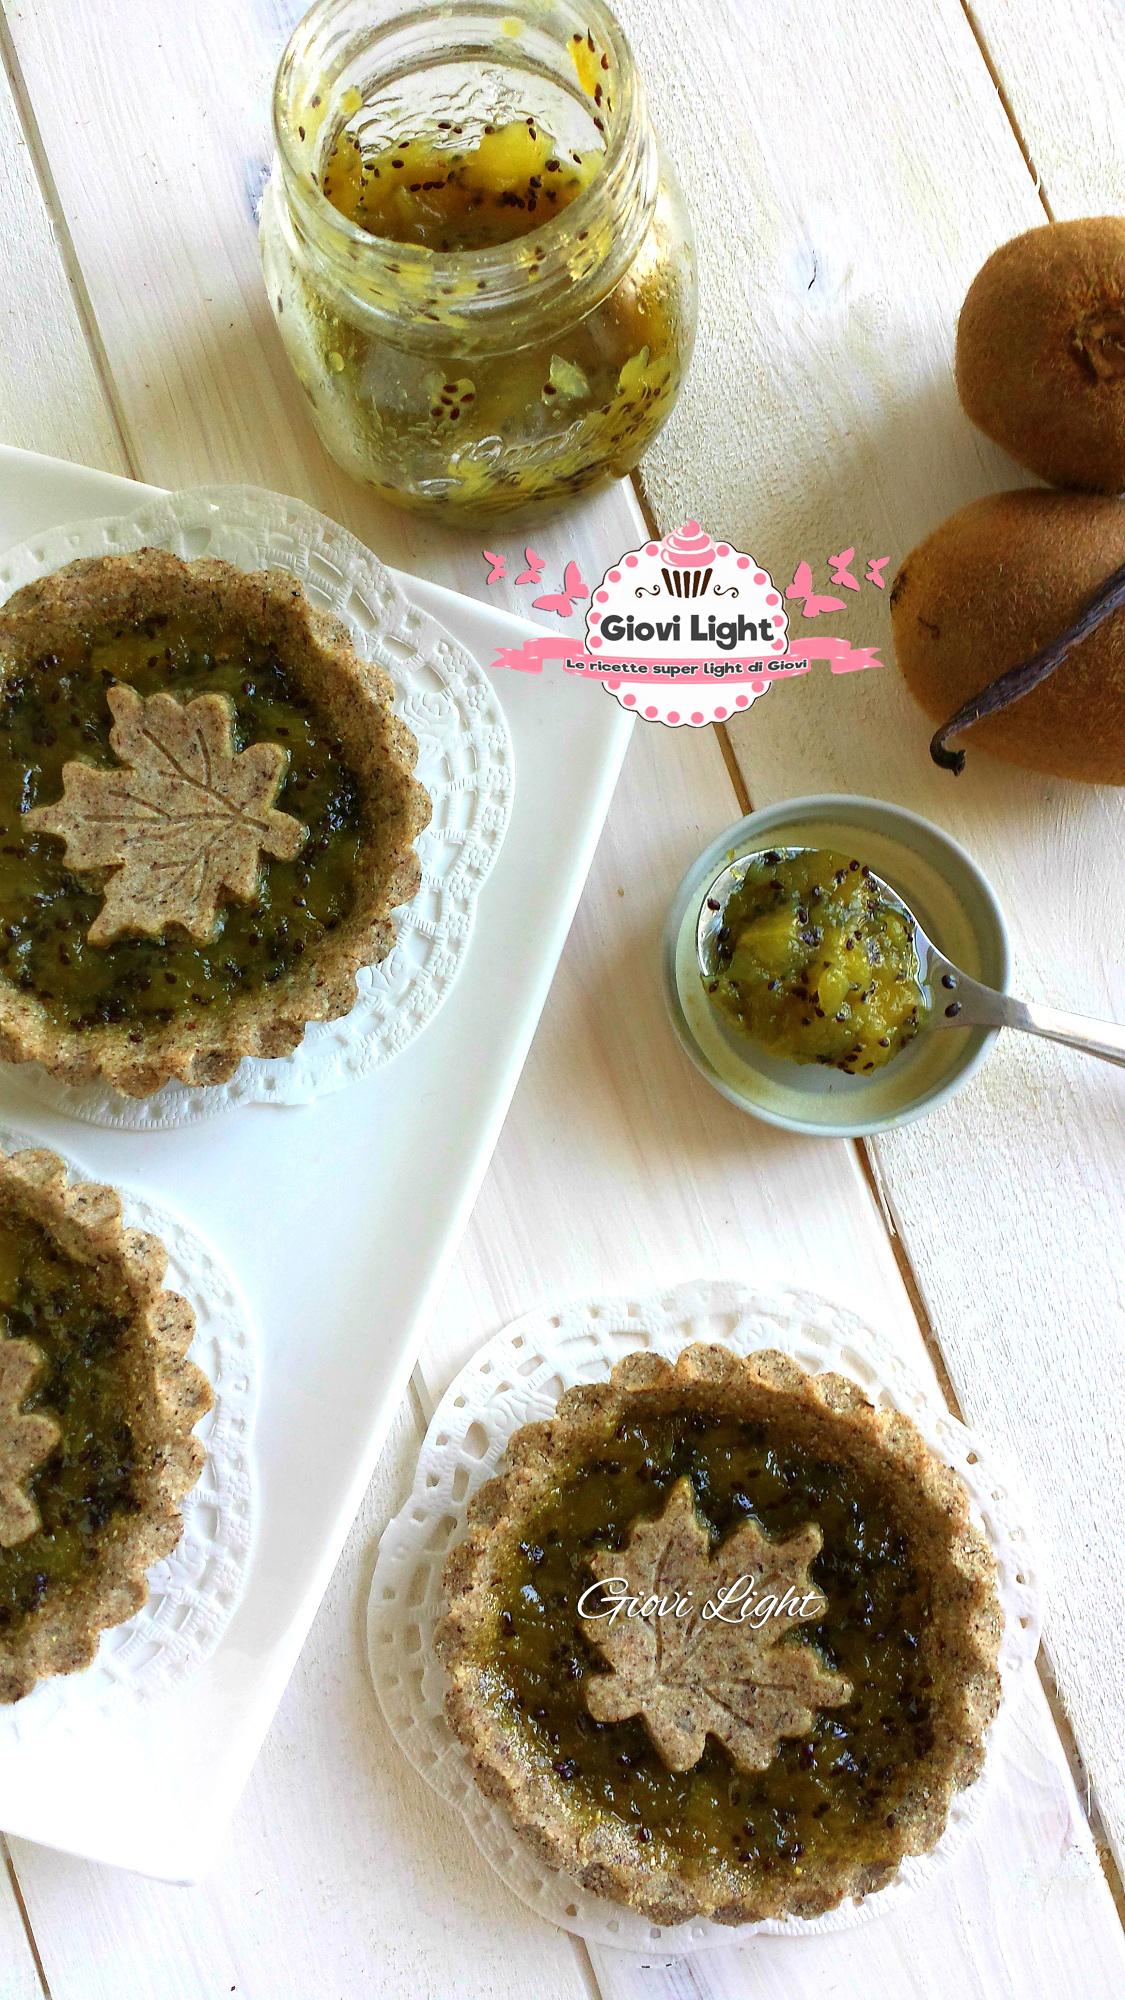 Crostatine di grano saraceno e marmellata di kiwi light alla vaniglia